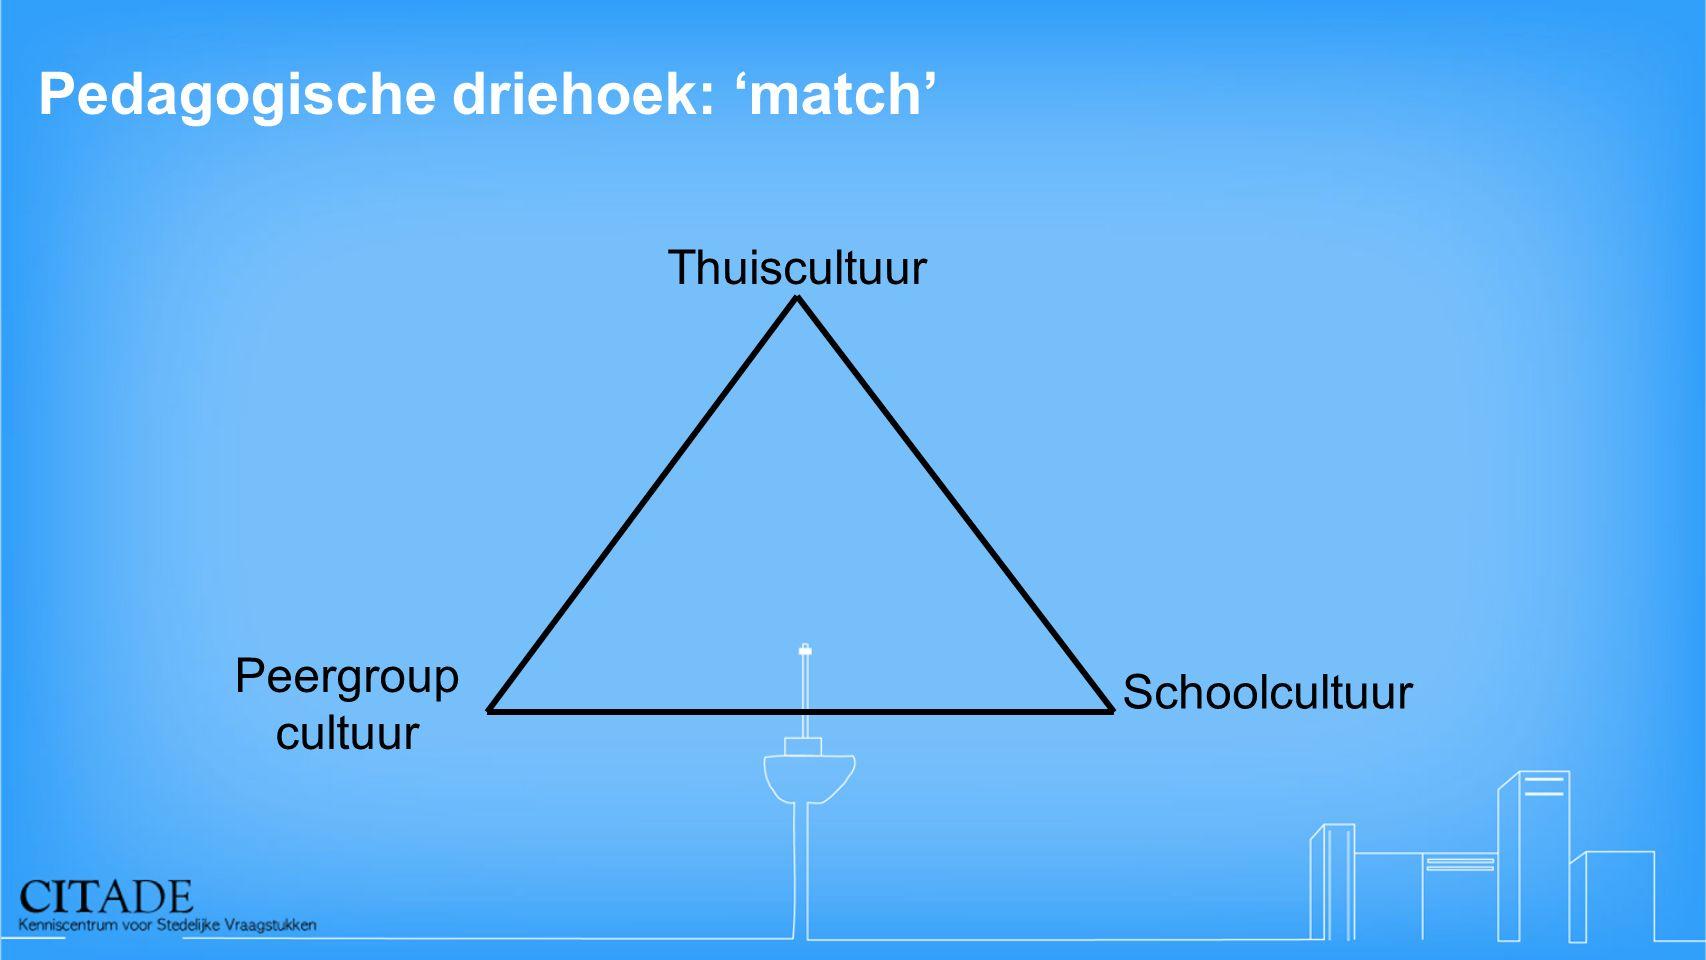 Pedagogische driehoek: 'match' Thuiscultuur Schoolcultuur Peergroup cultuur